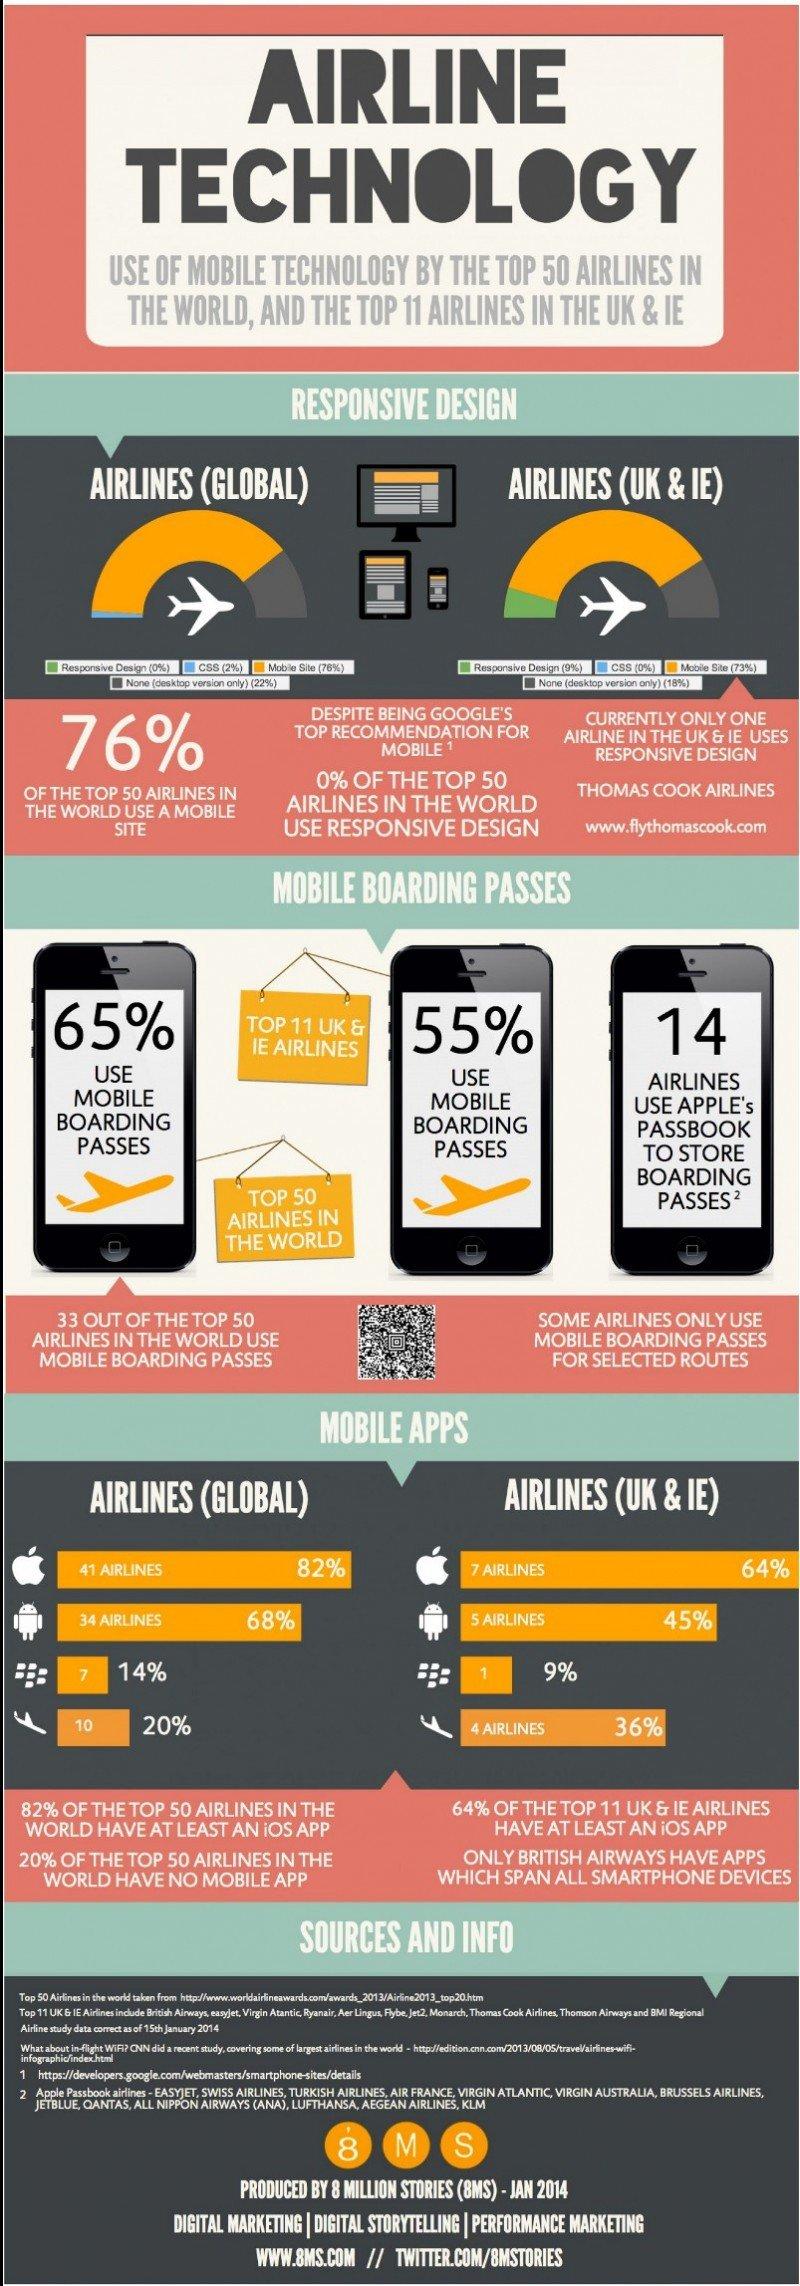 ¿Cómo utilizan la tecnología móvil las 50 principales aerolíneas del mundo?